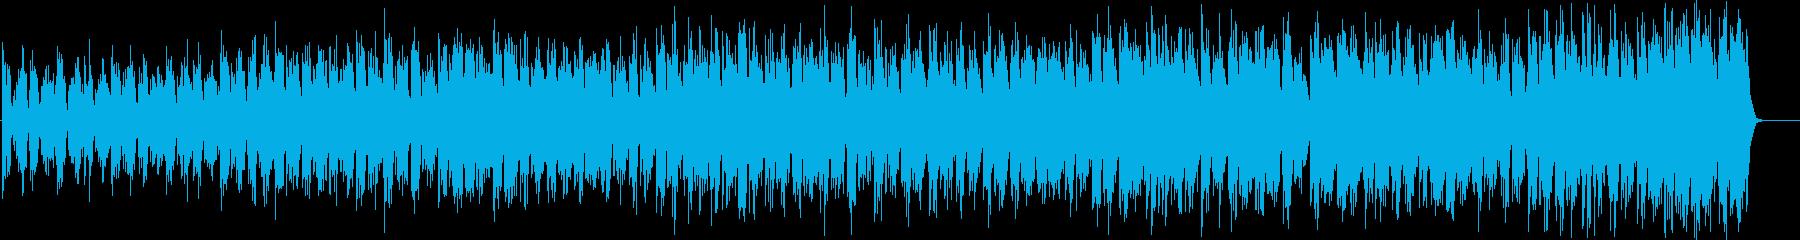 ミニマルリズム室内楽クリエイティブの再生済みの波形